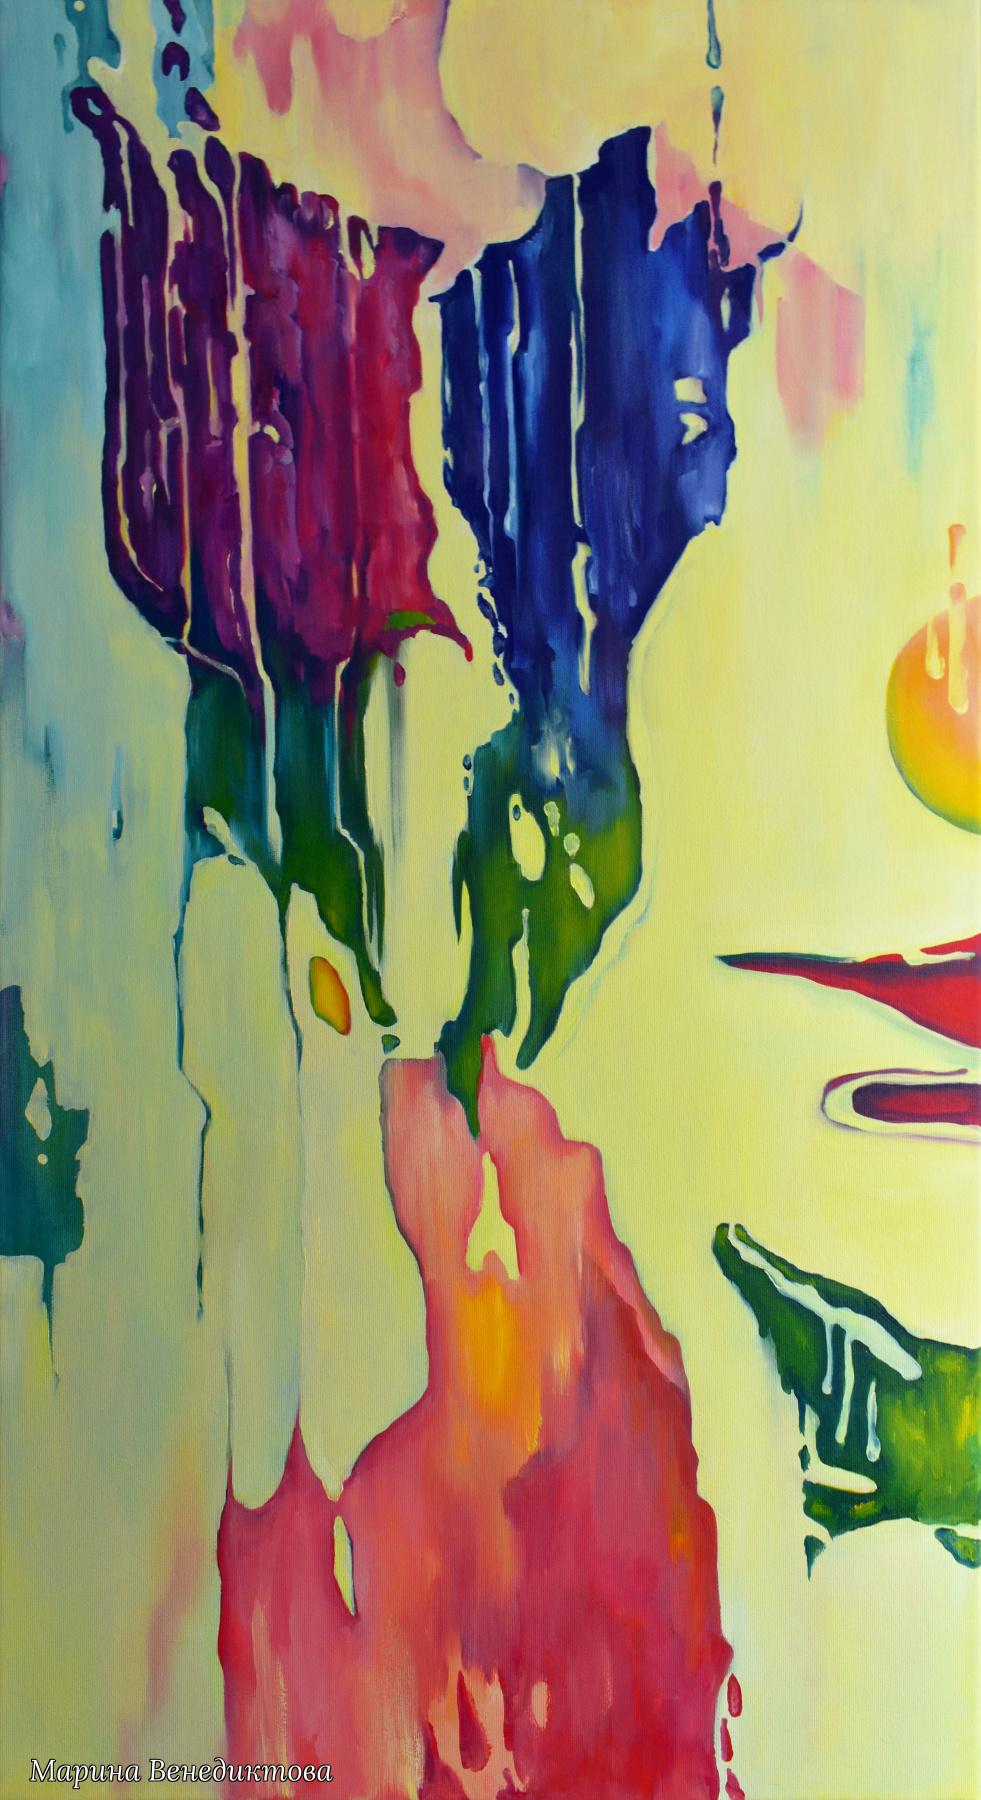 Marina Venediktova. ILLUSION - original oil painting